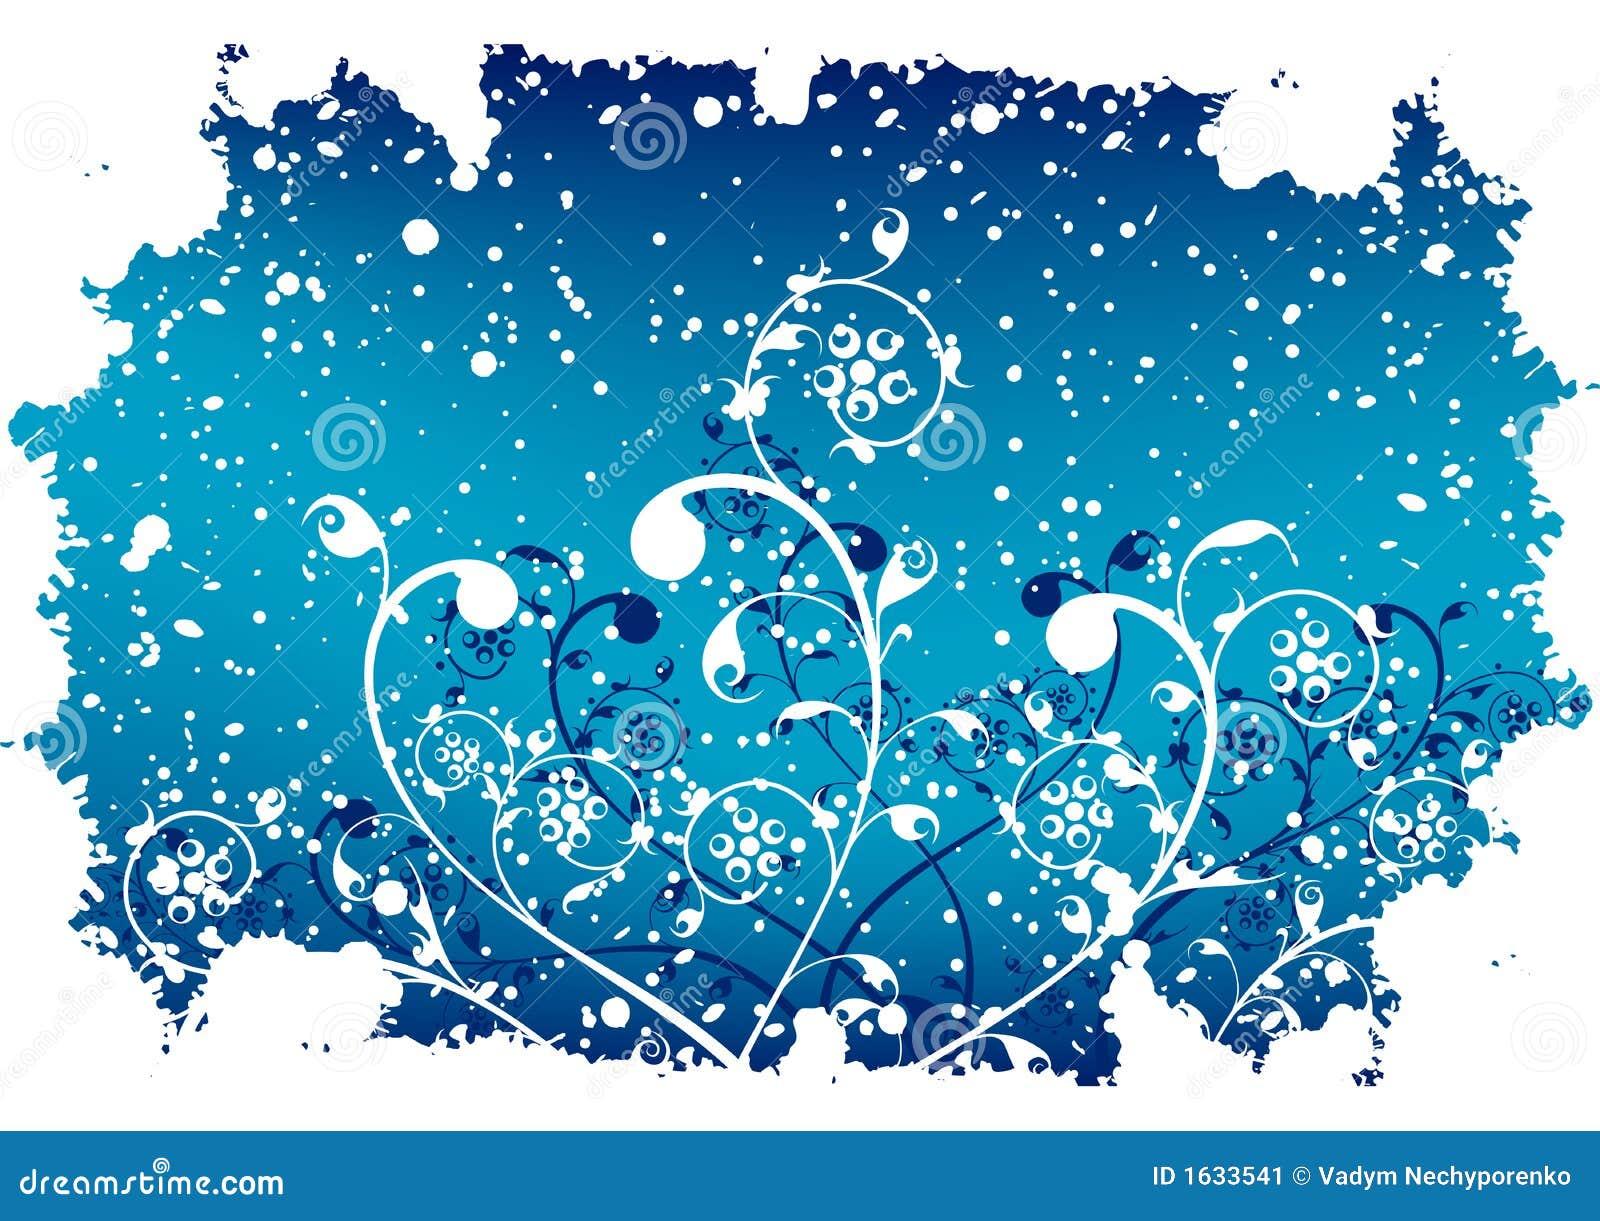 Fondo abstracto del invierno del grunge con las escamas y las flores en azul